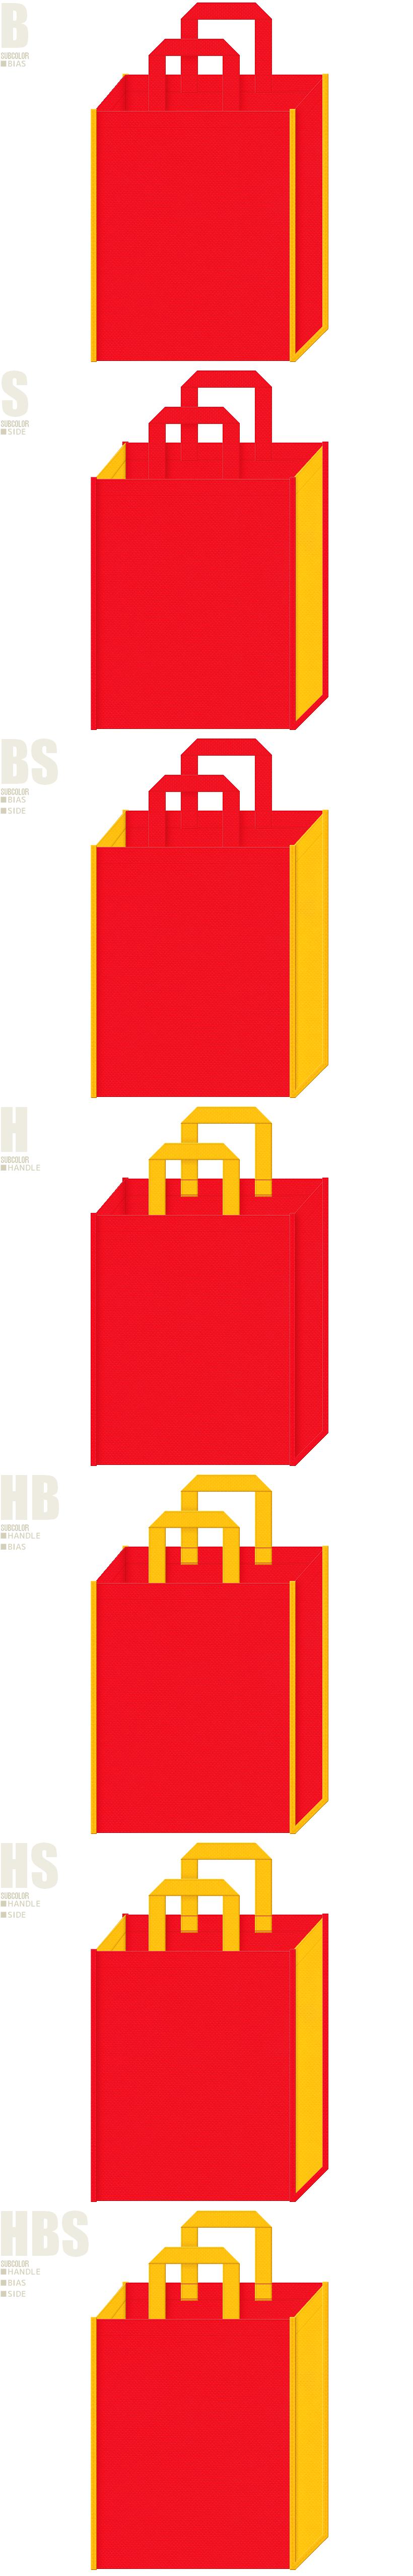 琉球舞踊・アフリカ・カーニバル・サンバ・ピエロ・サーカス・ゲーム・パズル・おもちゃ・テーマパーク・キッズイベントにお奨めの不織布バッグデザイン:赤色と黄色の配色7パターン